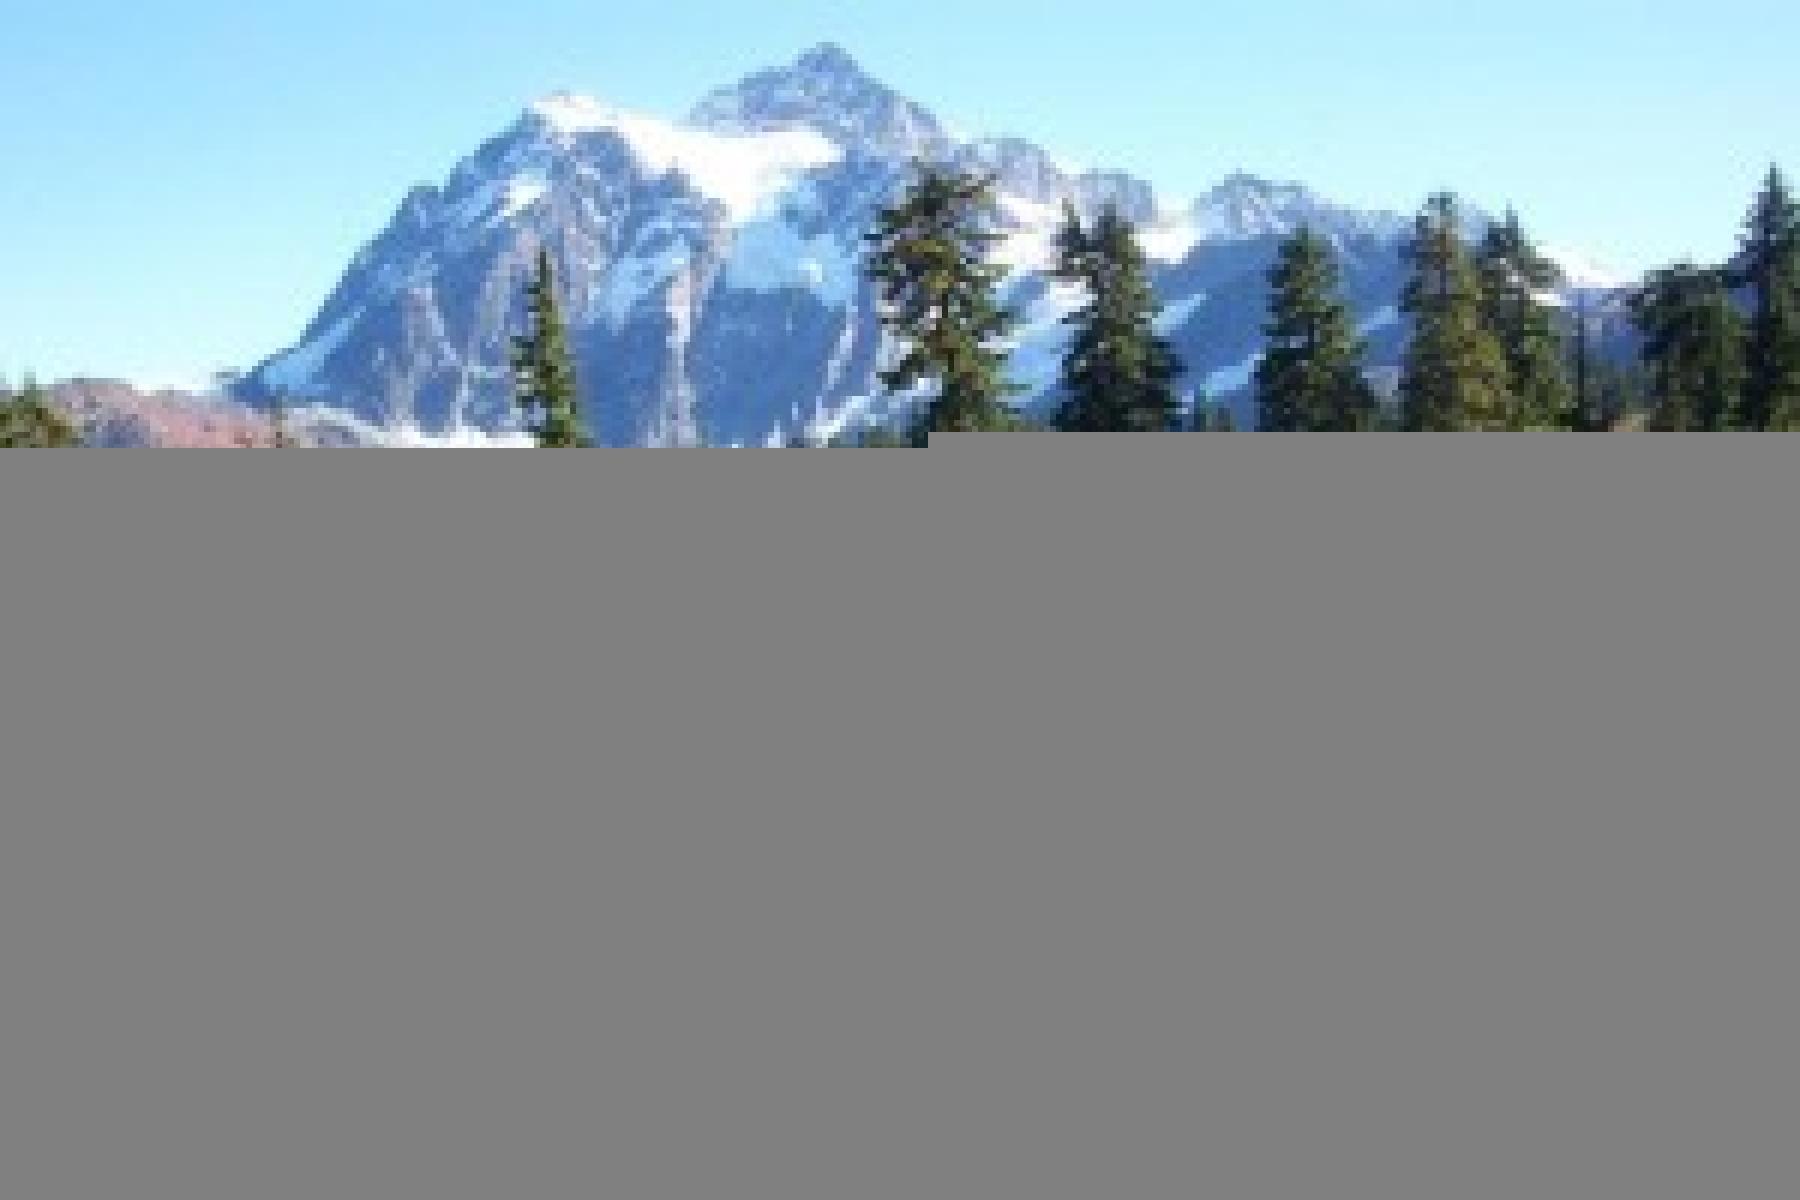 Mountains-Lakes-scenic-photos-club-26665140-800-533